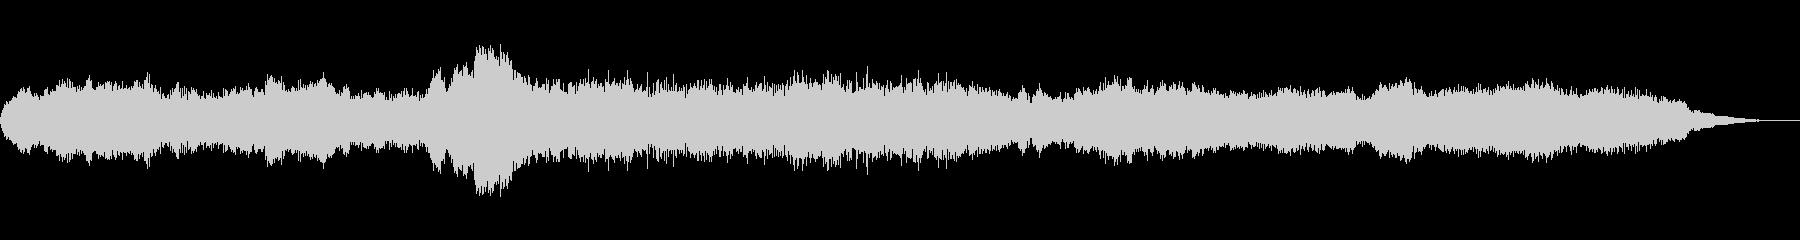 王宮の優雅なファンファーレ/場面転換などの未再生の波形